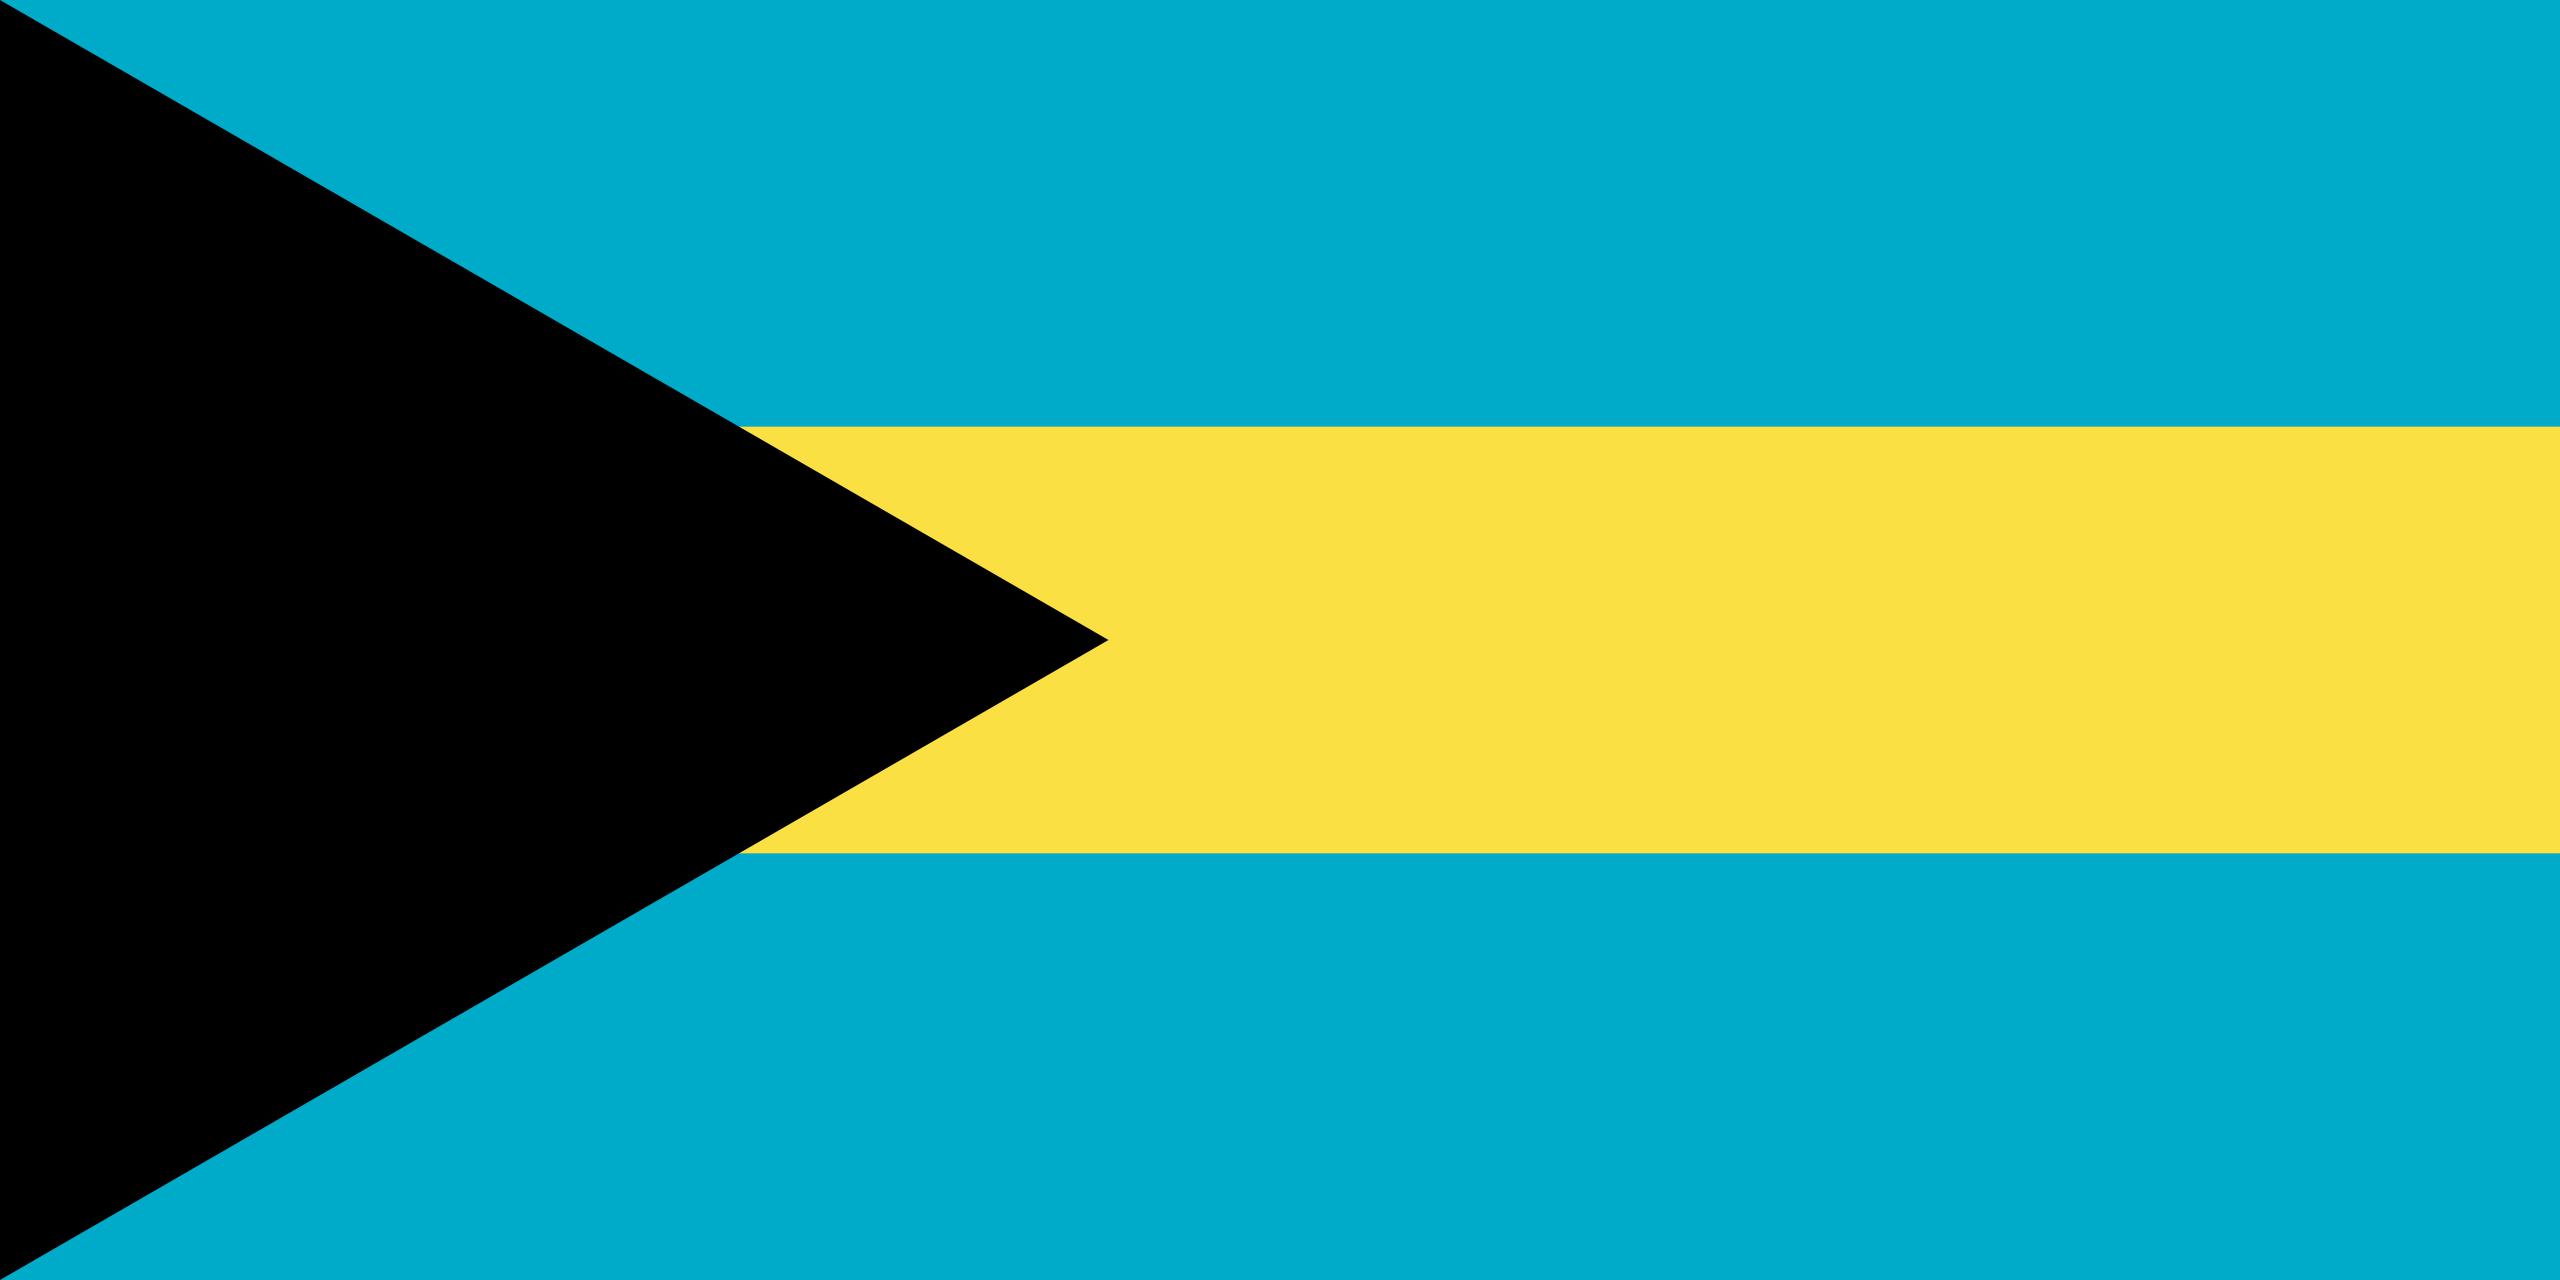 bahamas, país, emblema, insignia, símbolo - Fondos de Pantalla HD - professor-falken.com